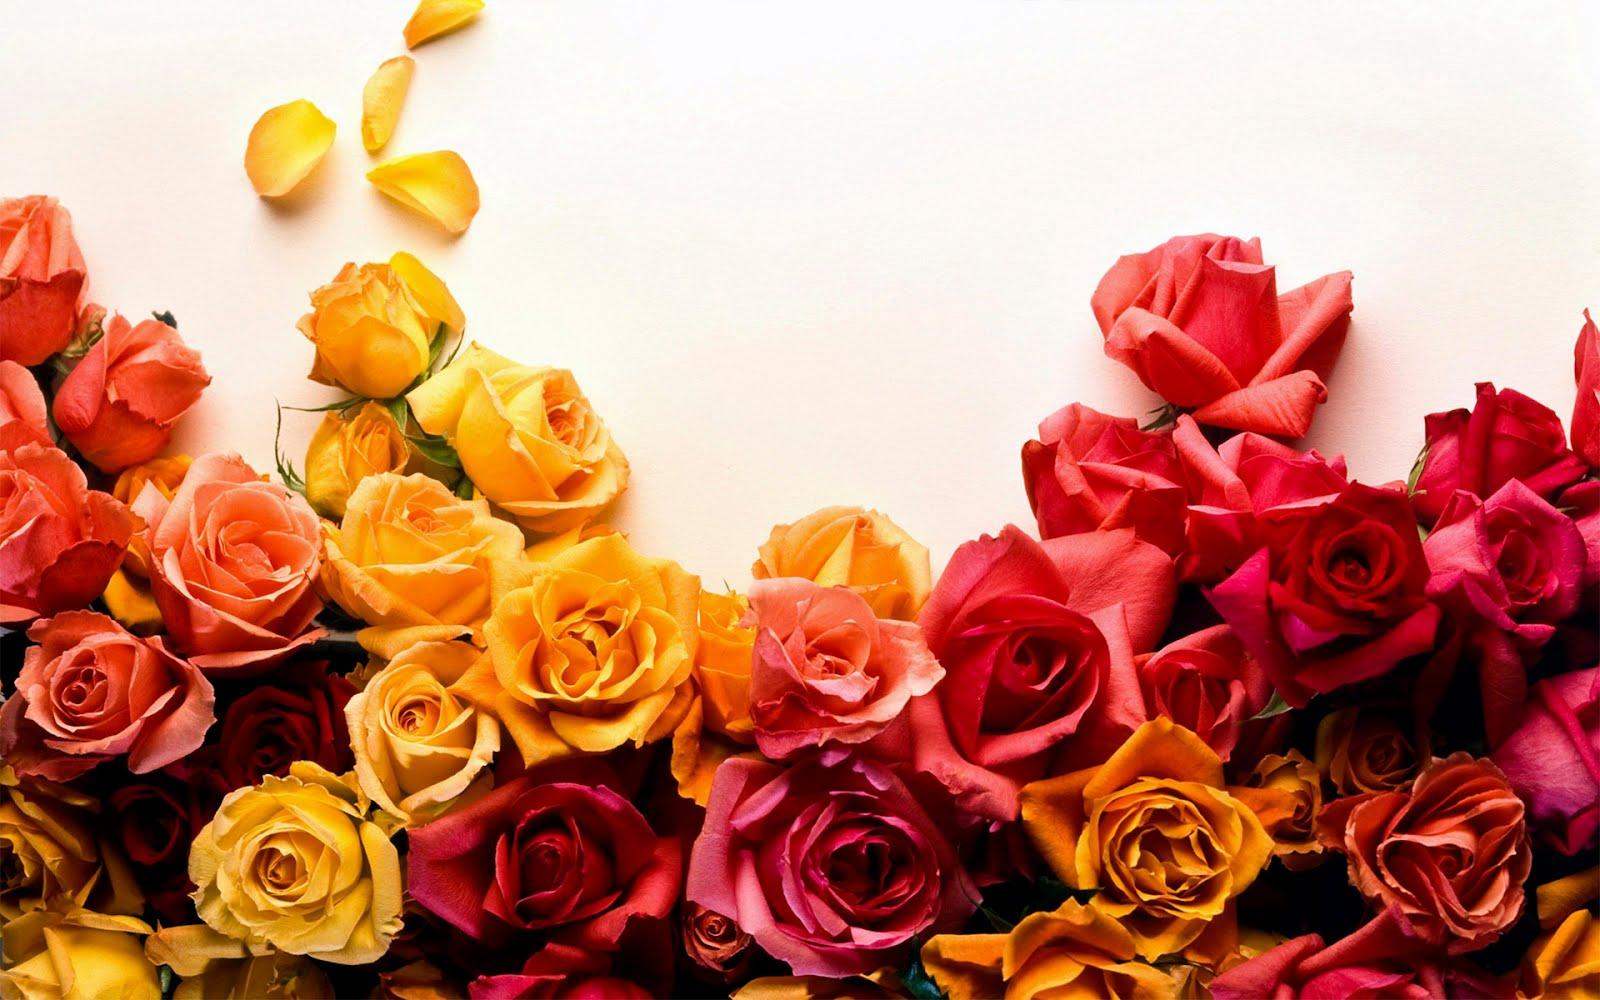 http://3.bp.blogspot.com/-kyYw1EVG_PM/TzBQJYVzAII/AAAAAAAAHxo/sjOURYbS8Es/s1600/hq-flowers-desktop-wallpaper1.jpg